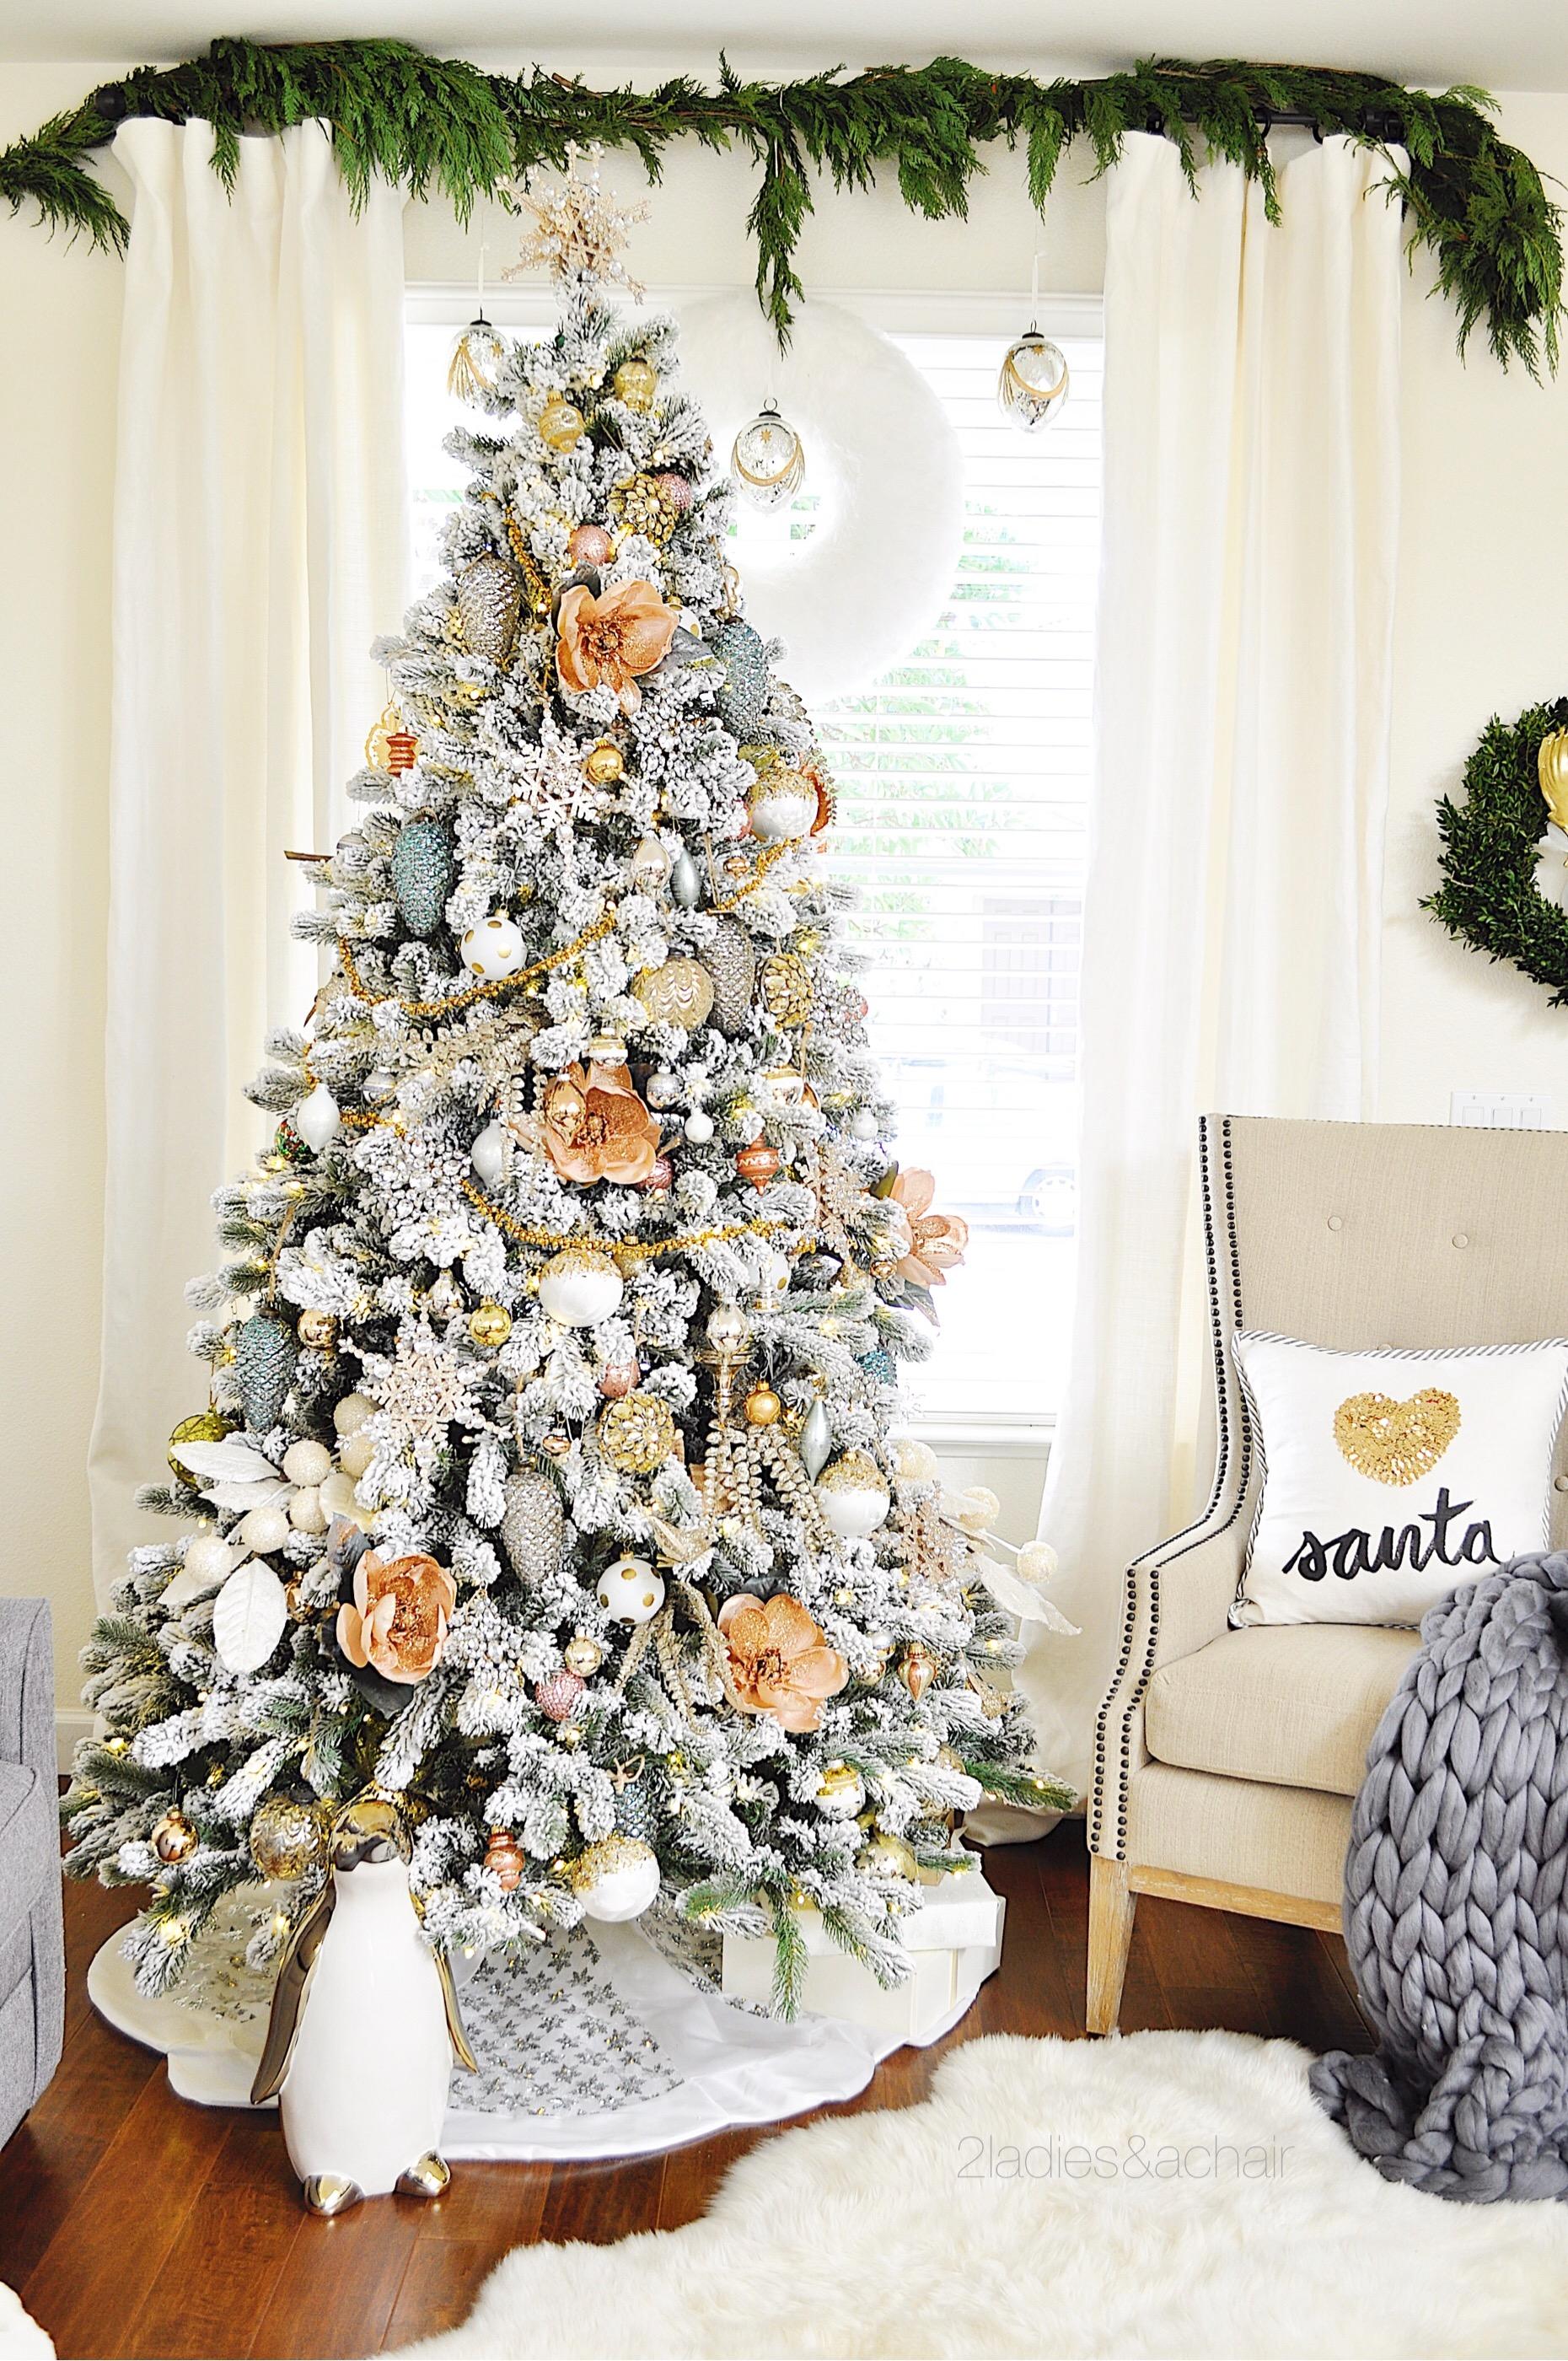 christmas home decorating FullSizeRender(2).jpg